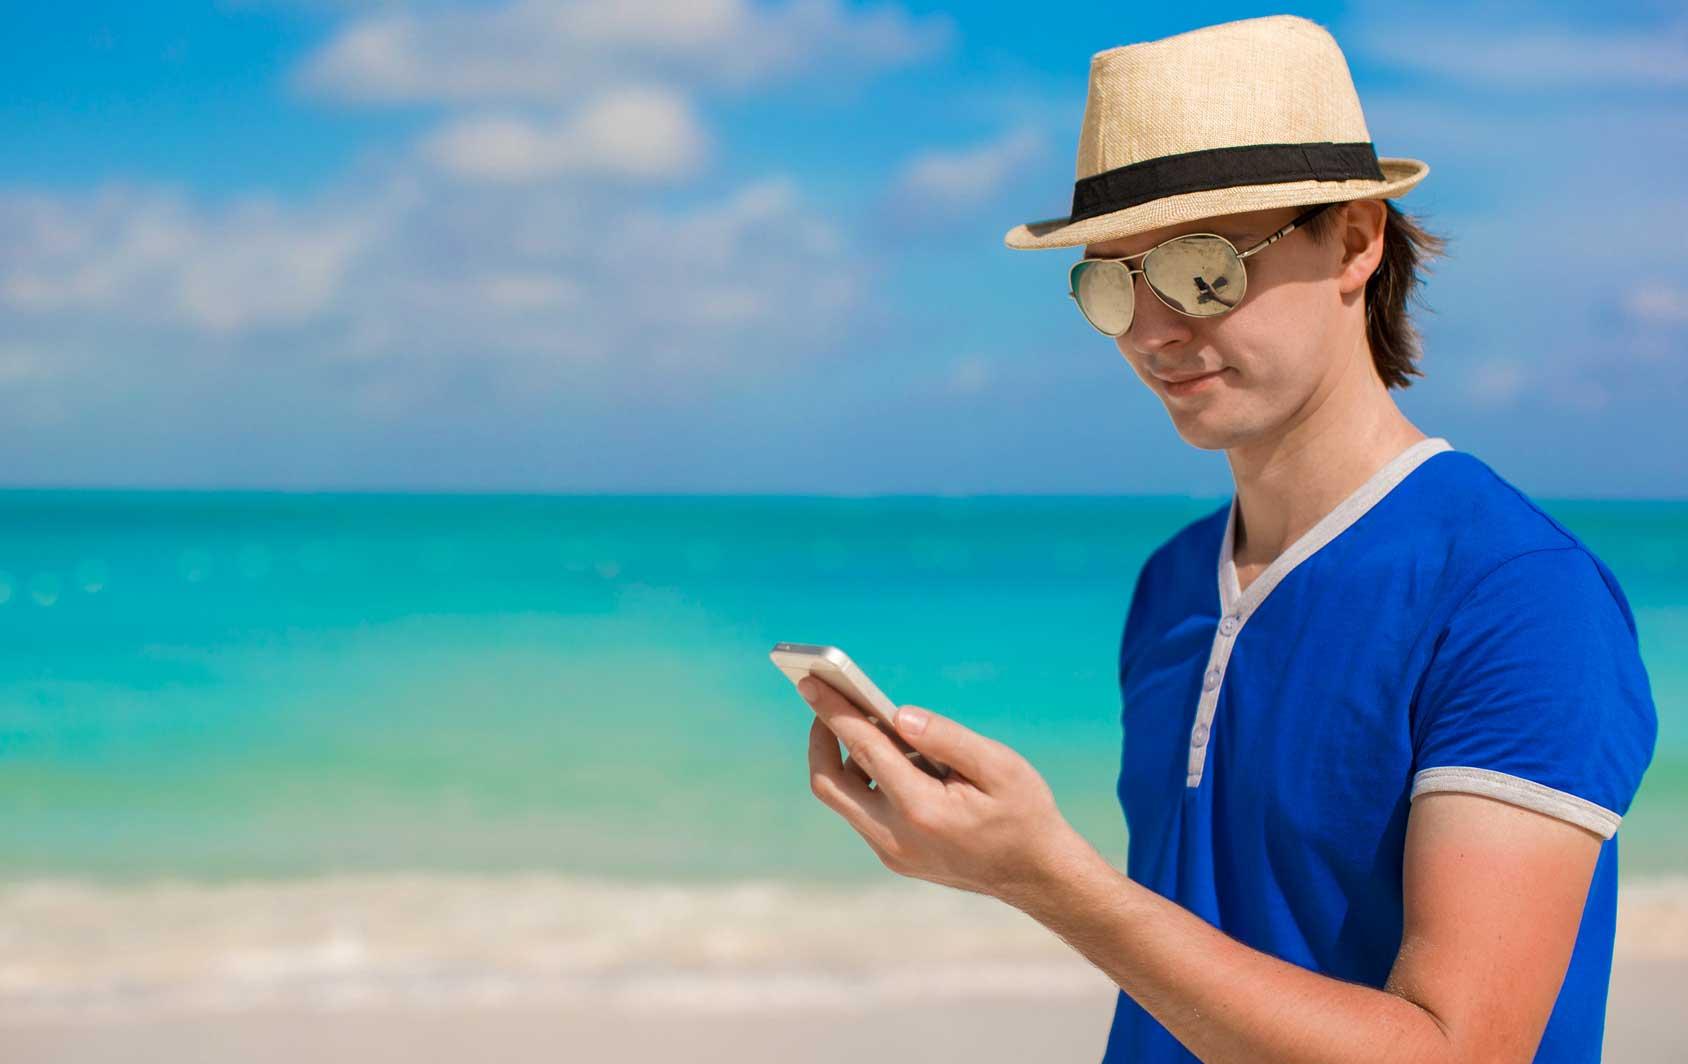 Offerte Vodafone per utenti iPhone: tutte le promozioni di luglio